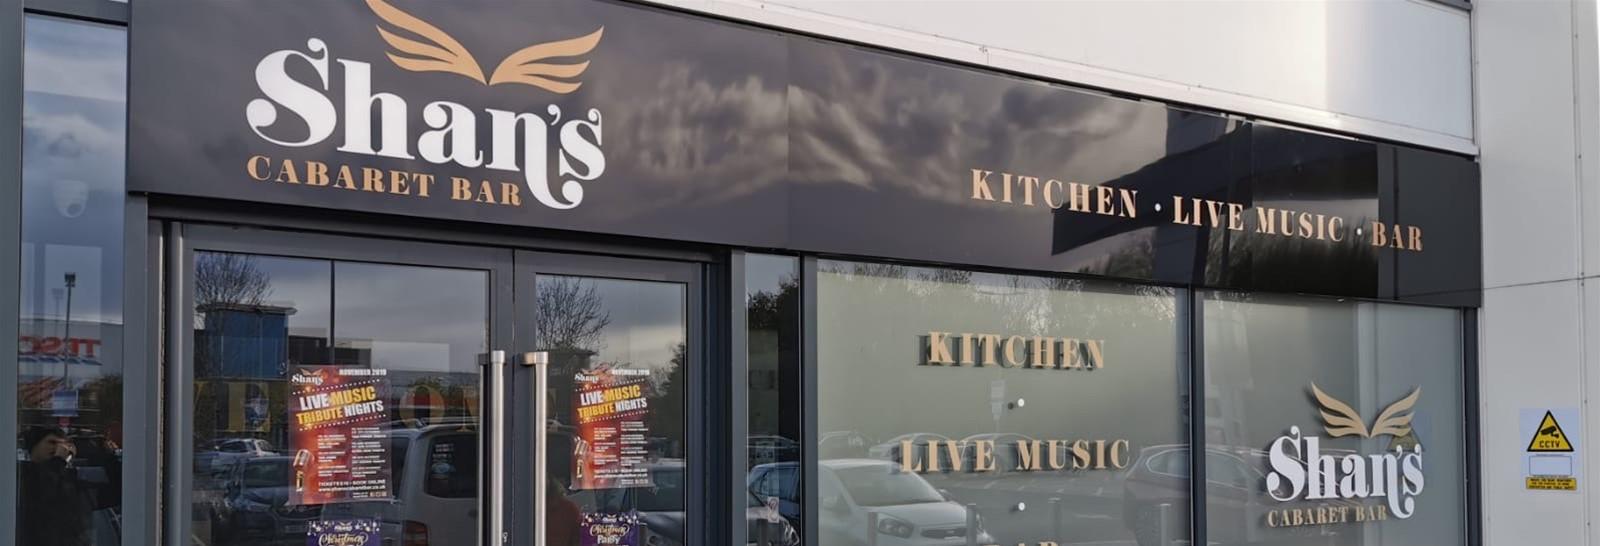 Shan's Cabaret Bar exterior signage in Bristol